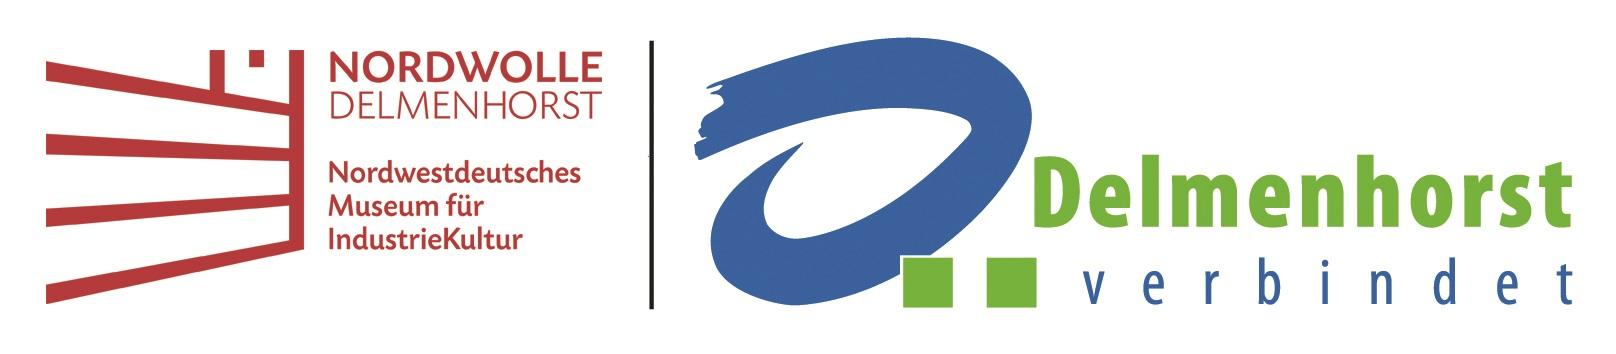 Das Logo des Nordwestdeutschen Museum für Industriekultur in Komibanation mit dem Logo der Stadt Delmenhorst.